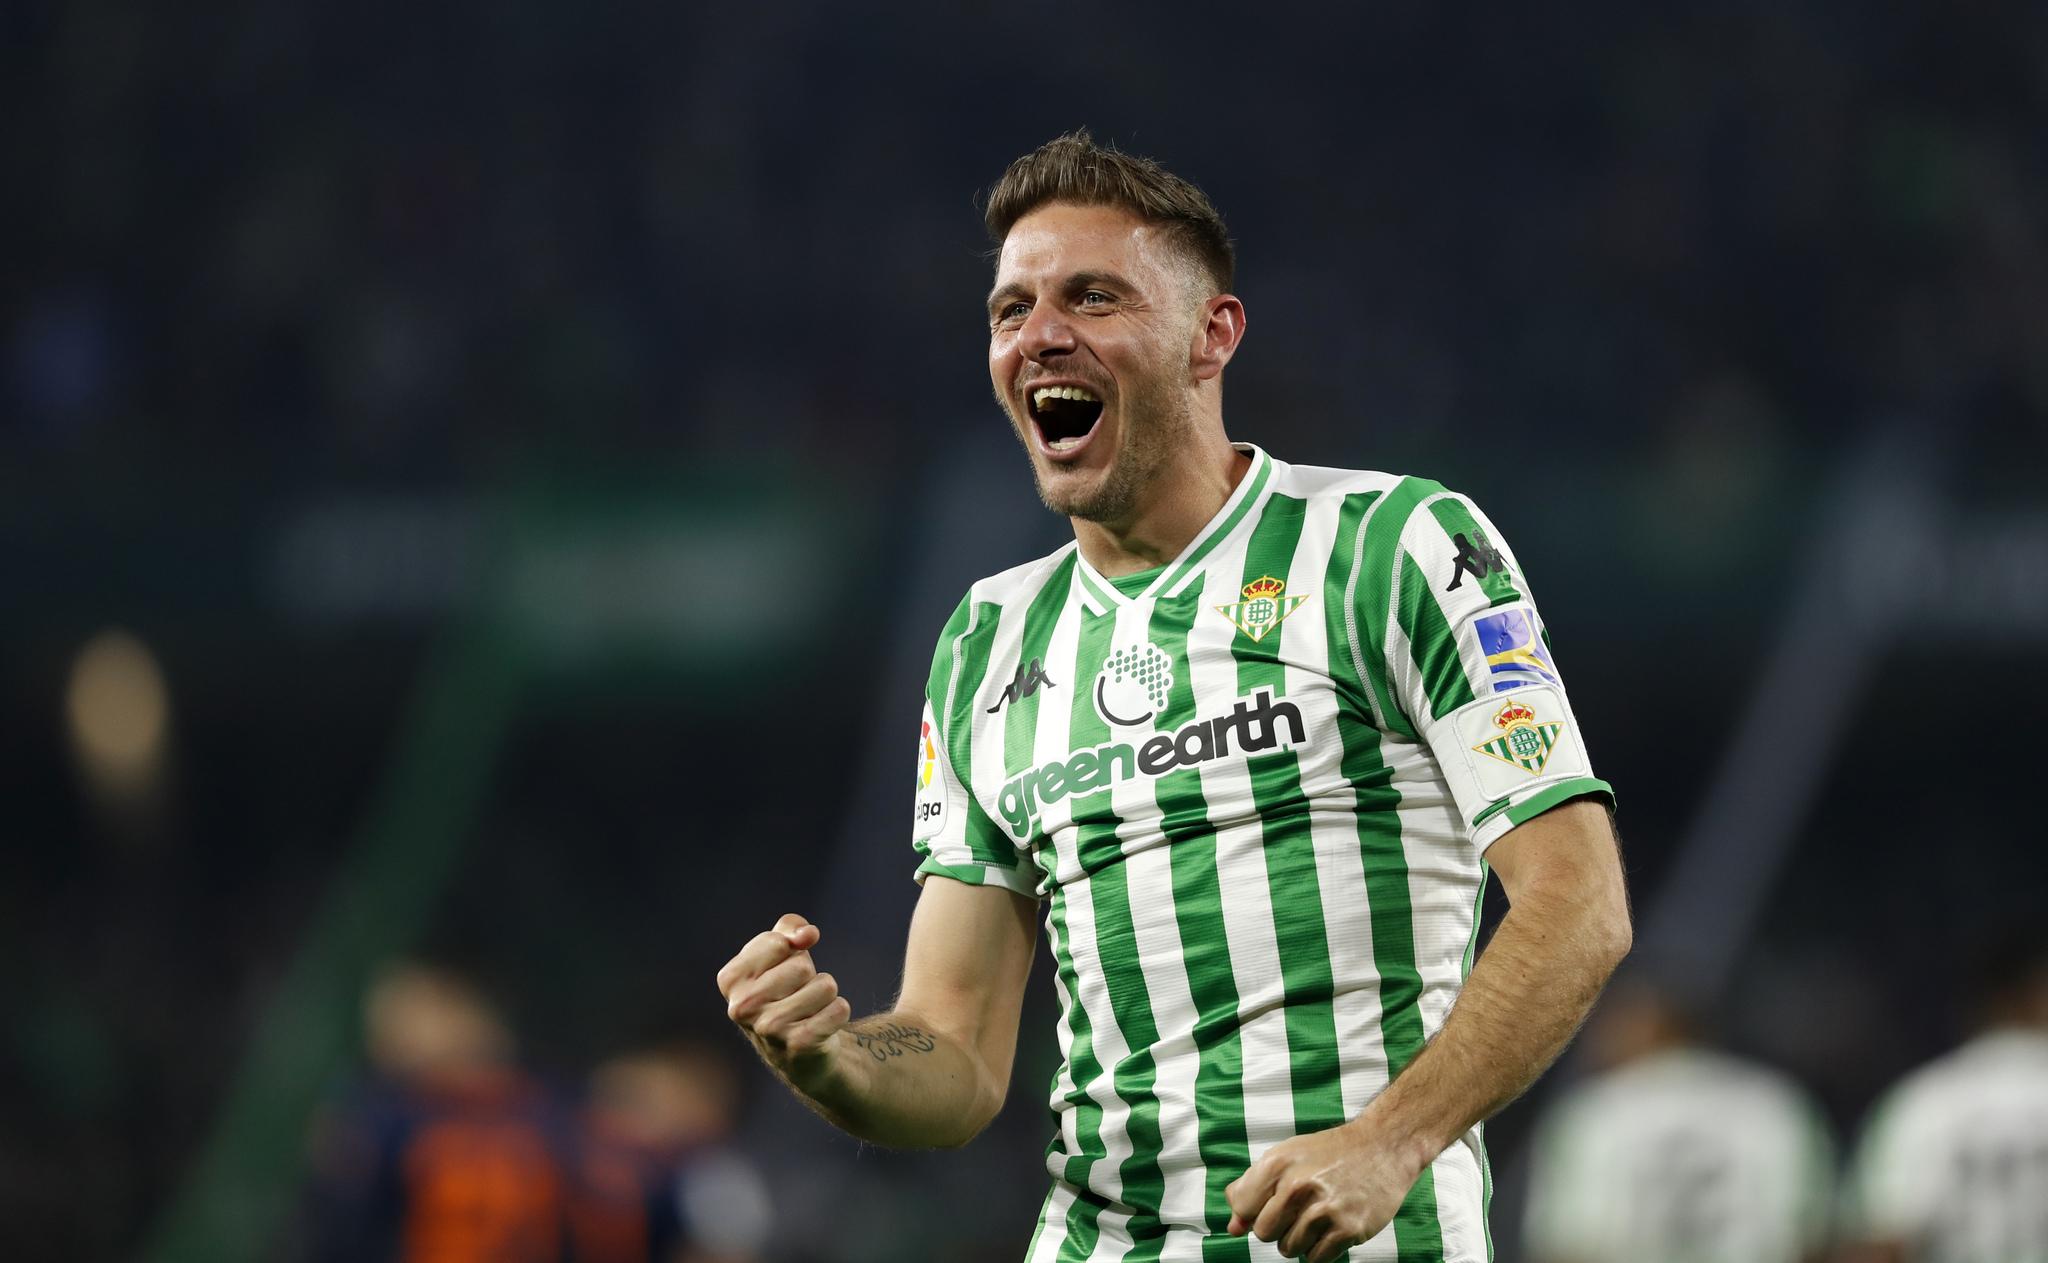 Joaquín celebra su gol olímpico al Valencia